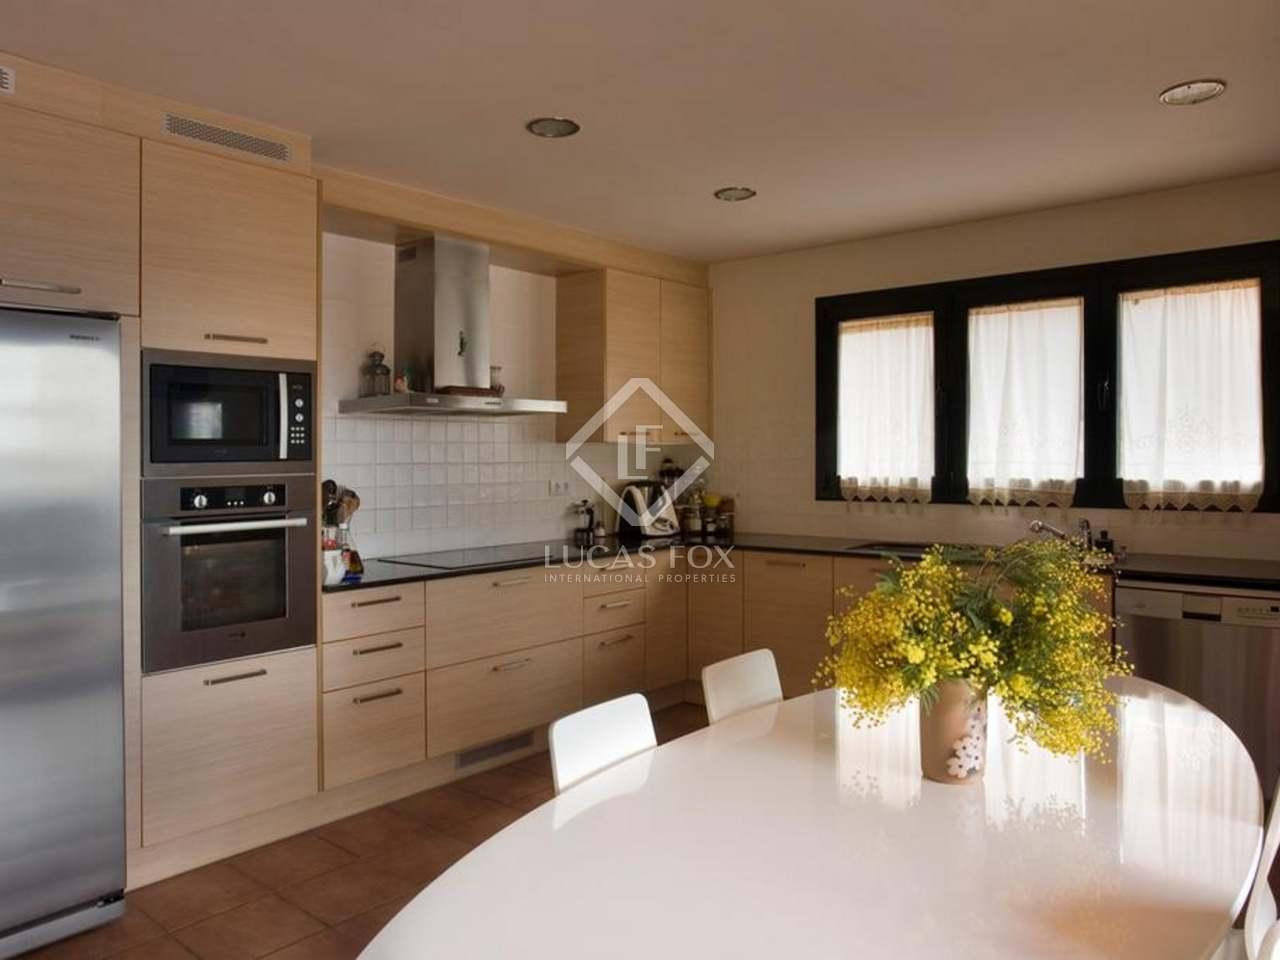 Maison en vente rocaferrera sant andreu de llavaneres for Acheter une maison en toscane